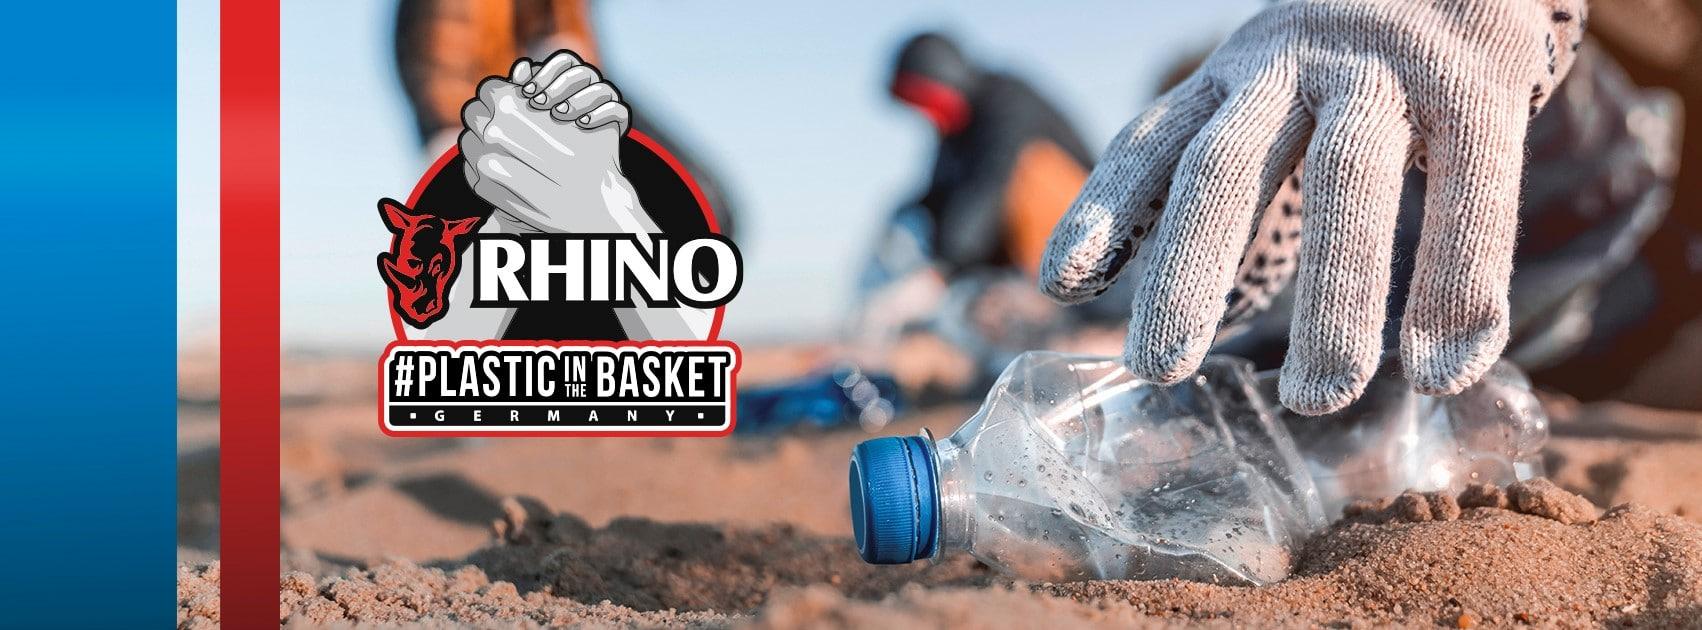 Plastic in the basket_PELY.de